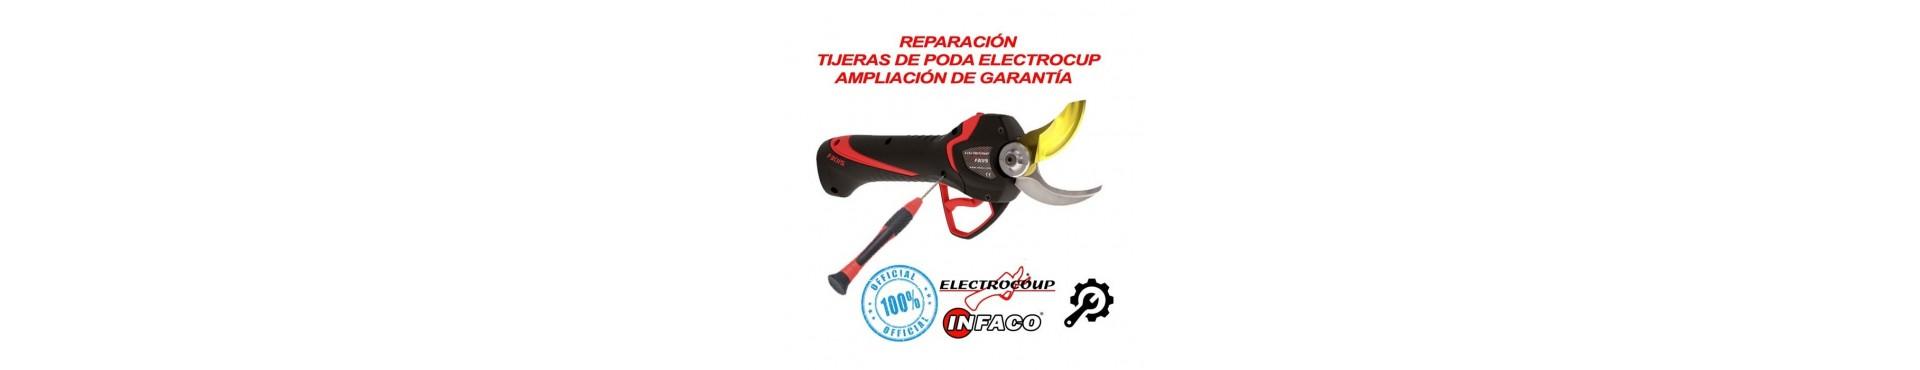 REVISIONES Y REPARACIÓNES ELECTROCOUP